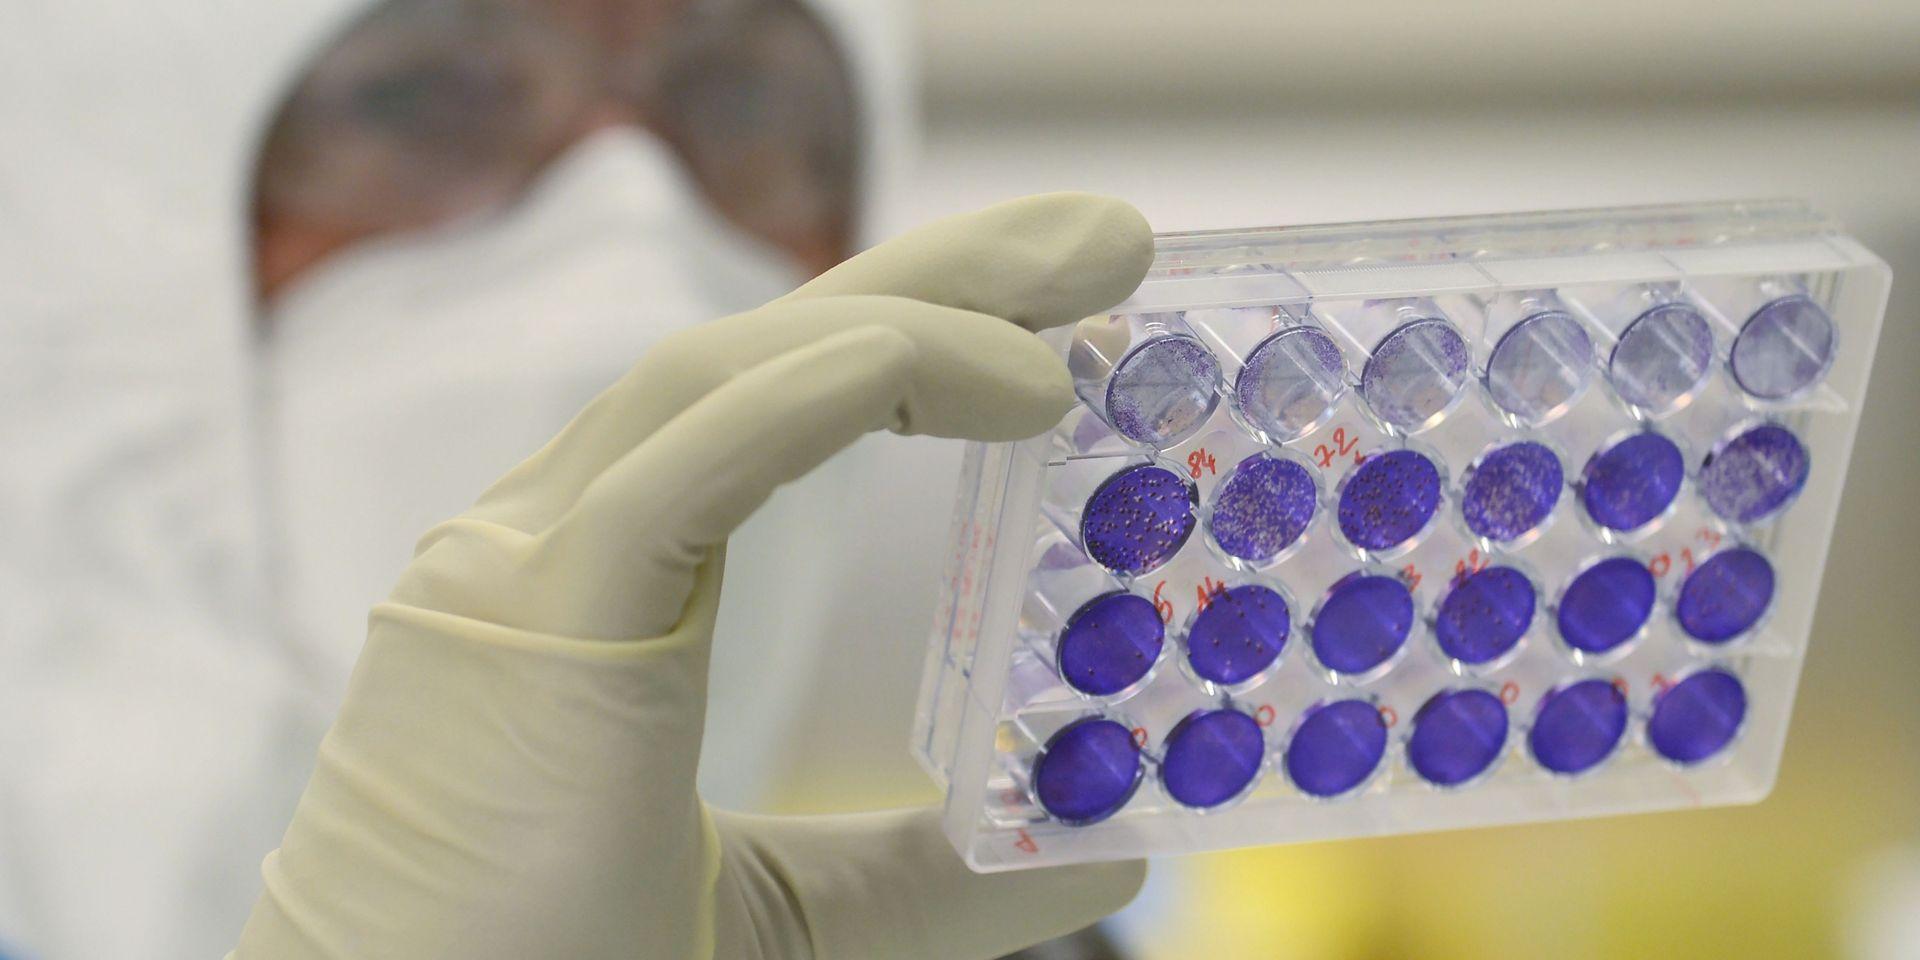 Résultats préliminaires prometteurs d'un autre projet de vaccin américain contre le coronavirus. Photo: AFP